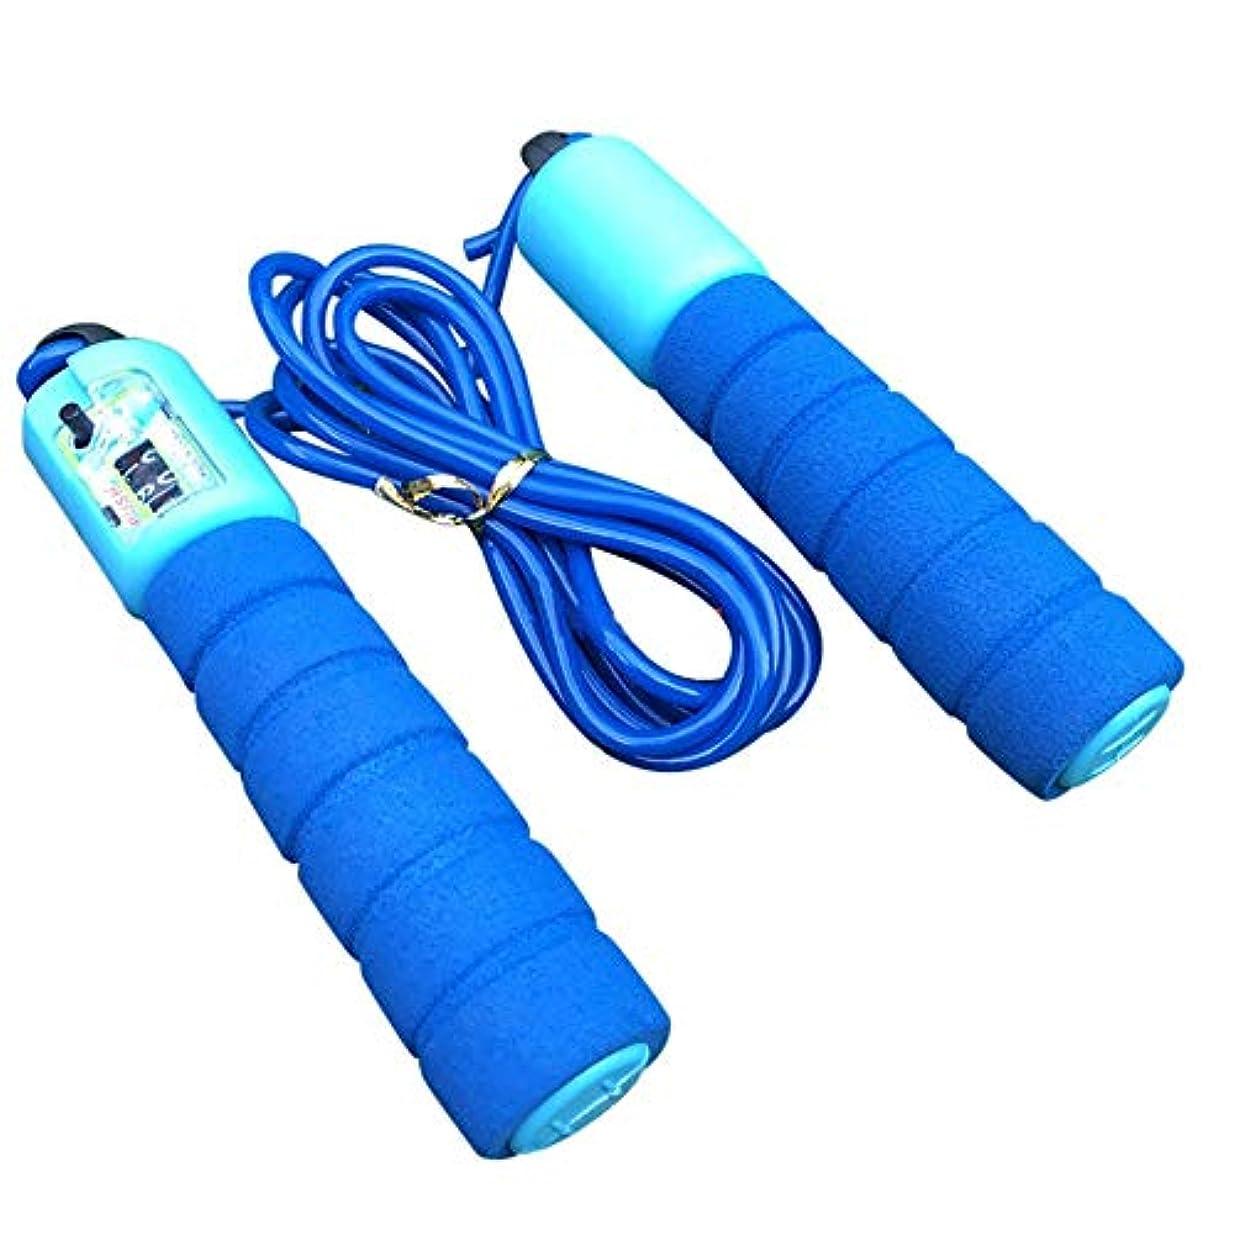 発表作り上げる地球調整可能なプロフェッショナルカウント縄跳び自動カウントジャンプロープフィットネス運動高速カウントジャンプロープ - 青